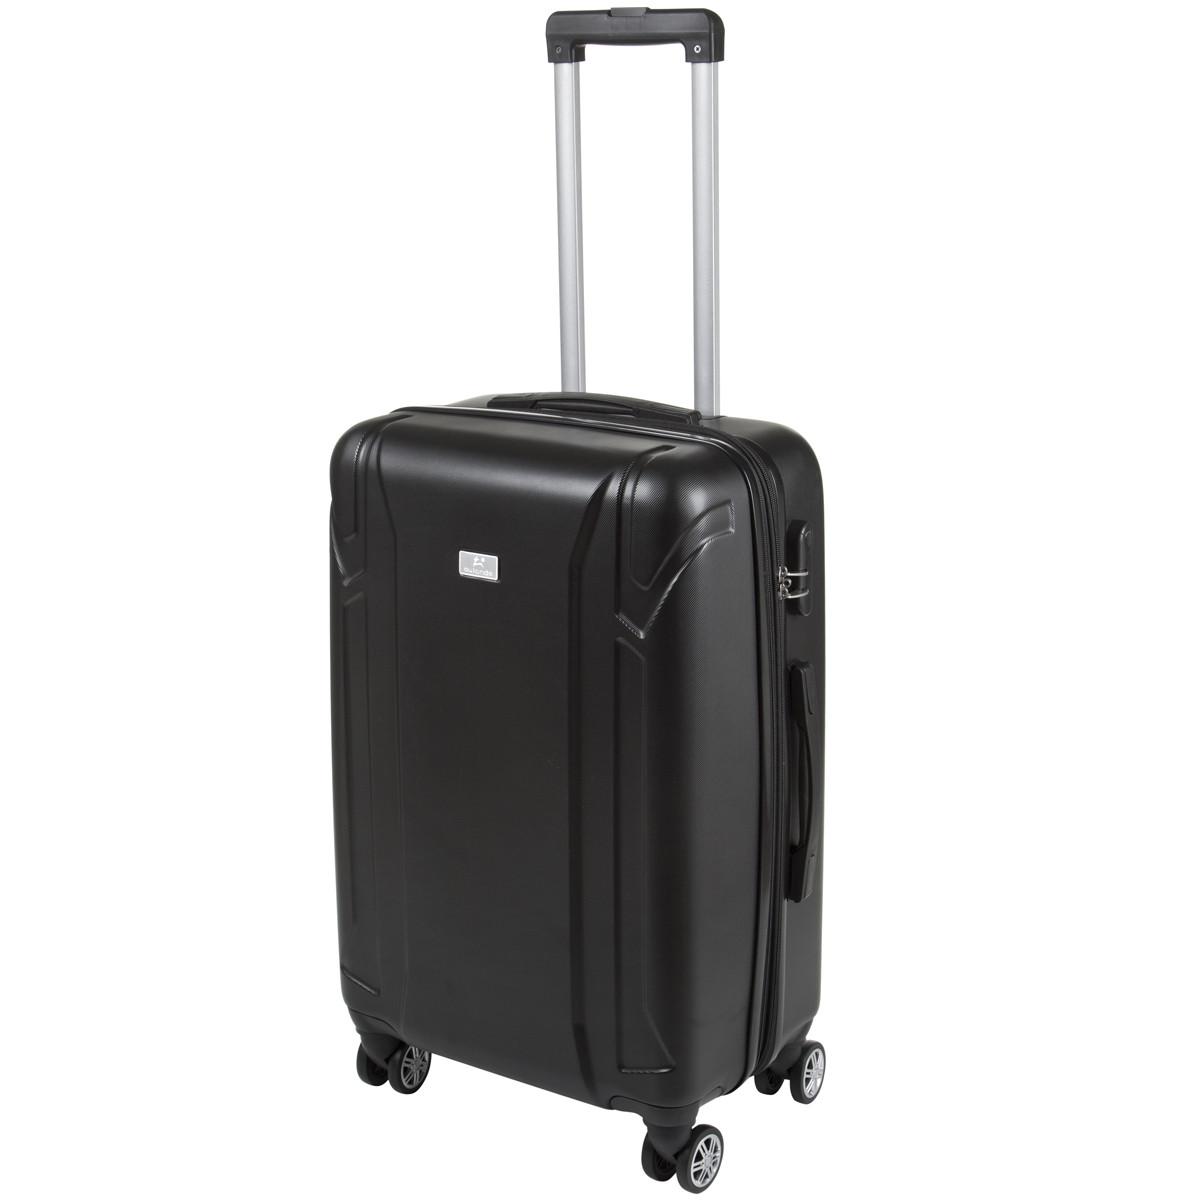 Валізу з розширенням середній 4 колеса ОULANDO пластик ABS 43х68х26(+3) чорний ксЛ722-24г